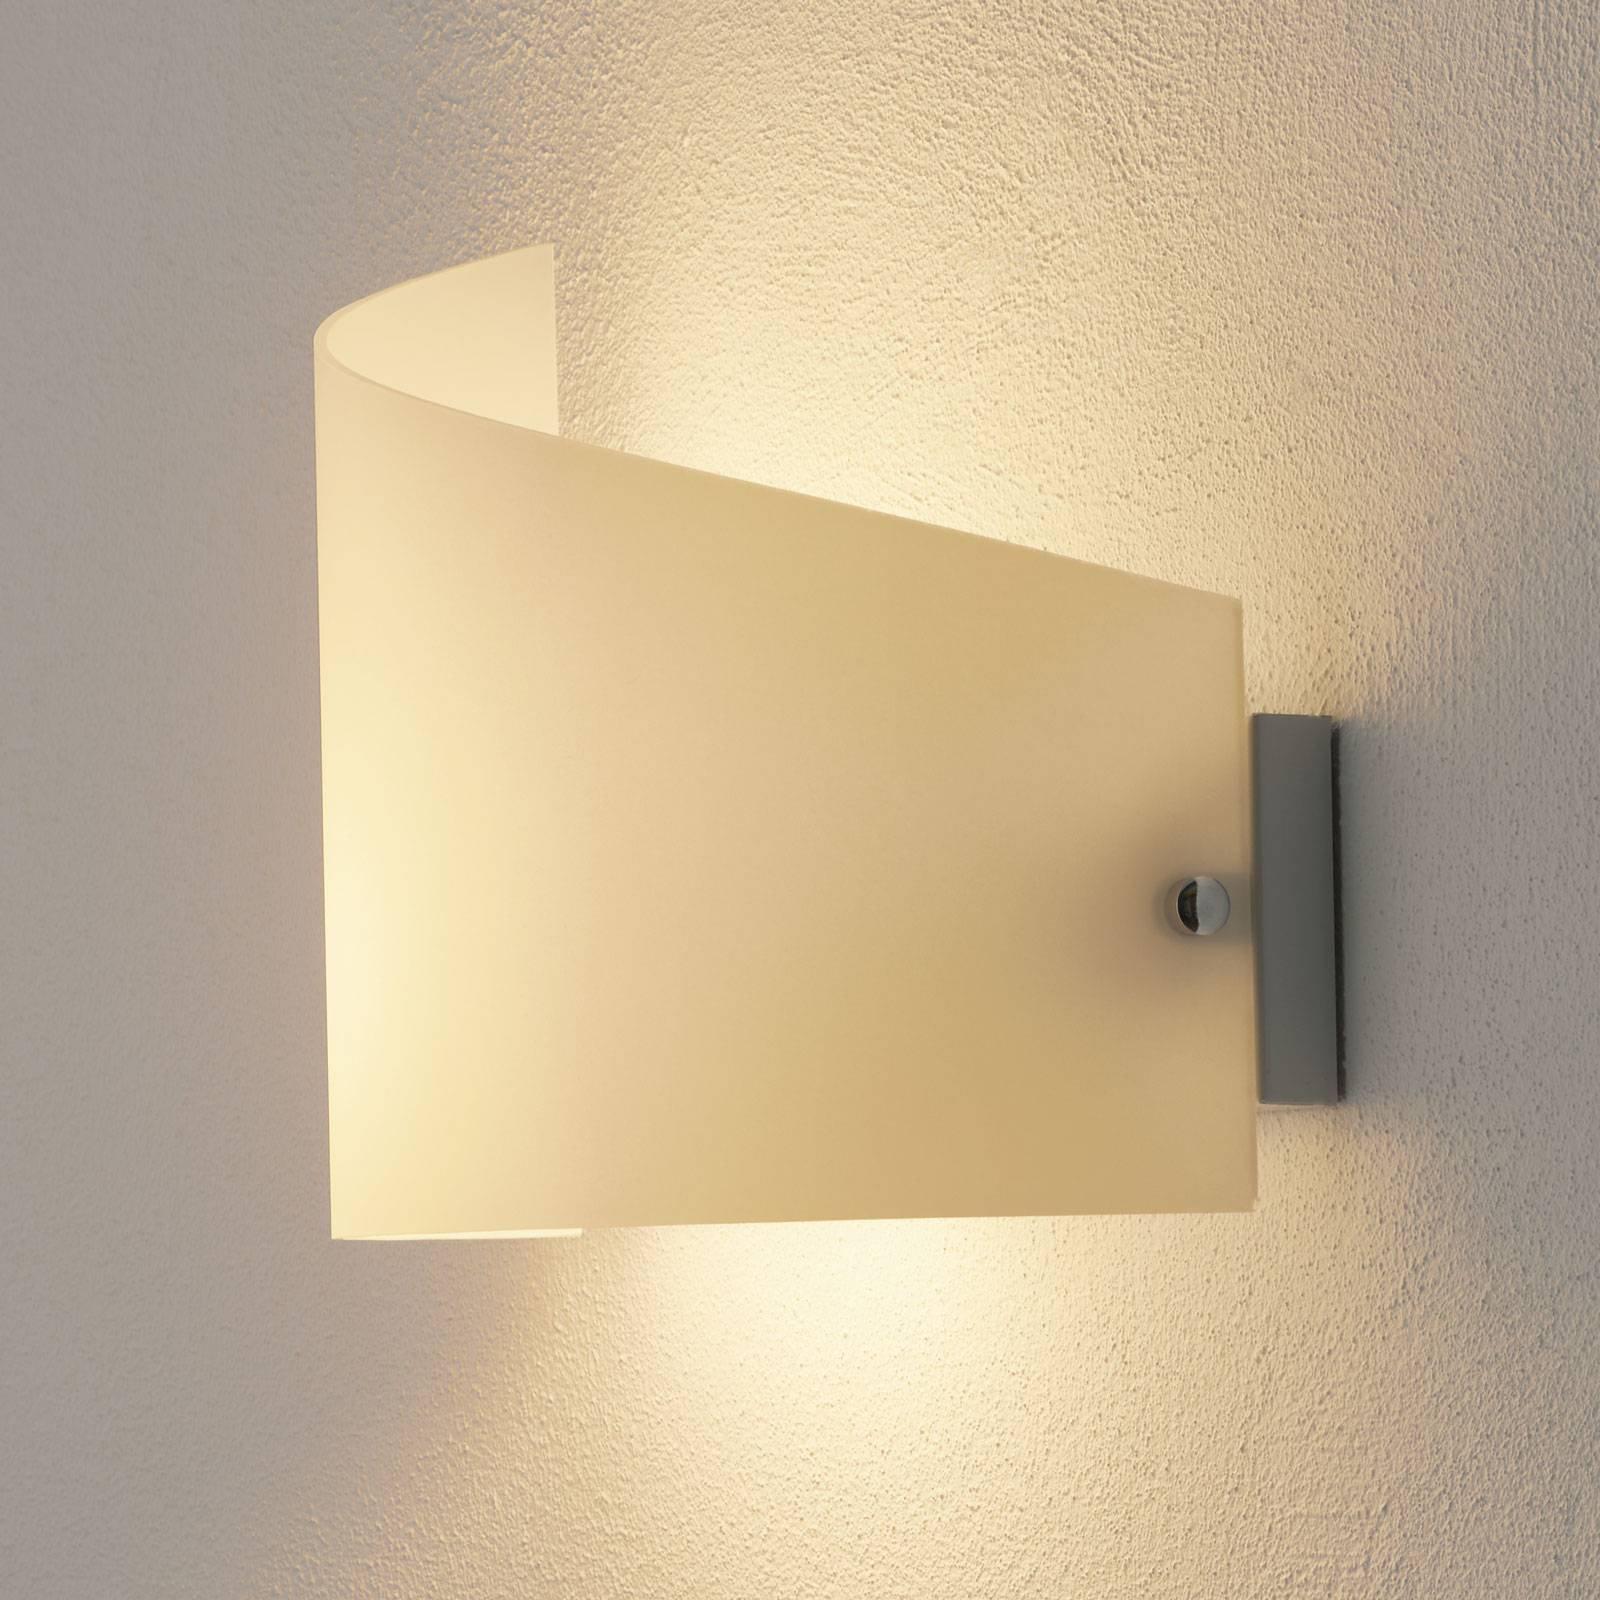 Vegglampe Moa med buet glasskjerm